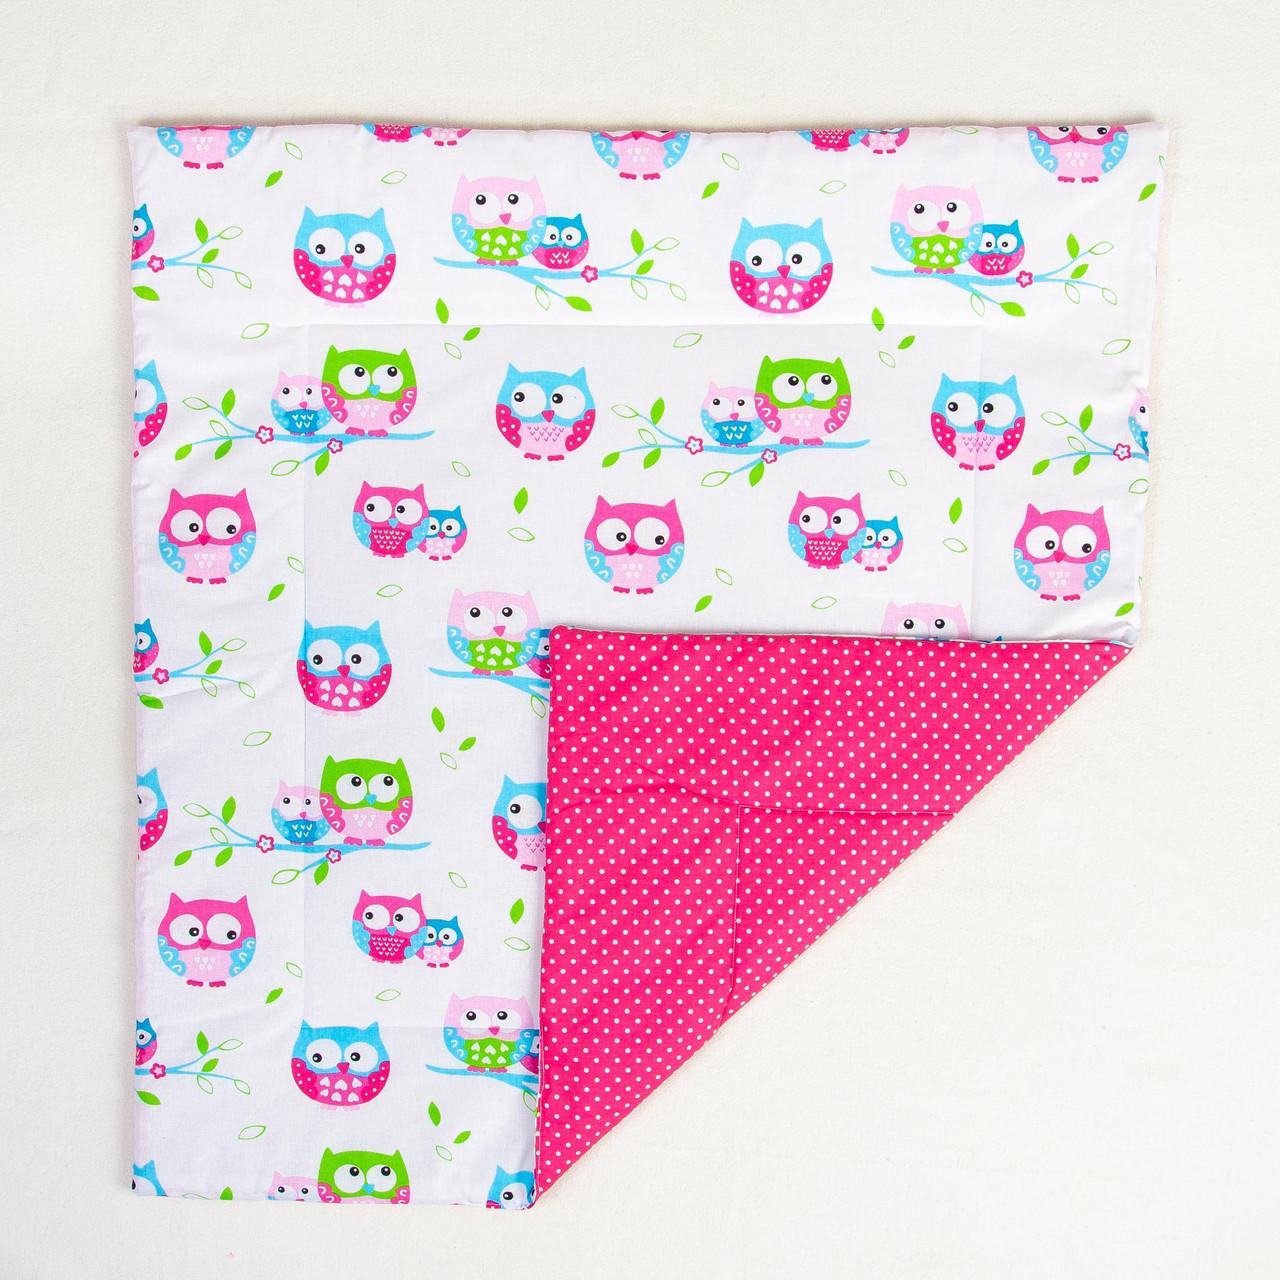 Детское   одеяло  Яркие совушки 80 х 85 см